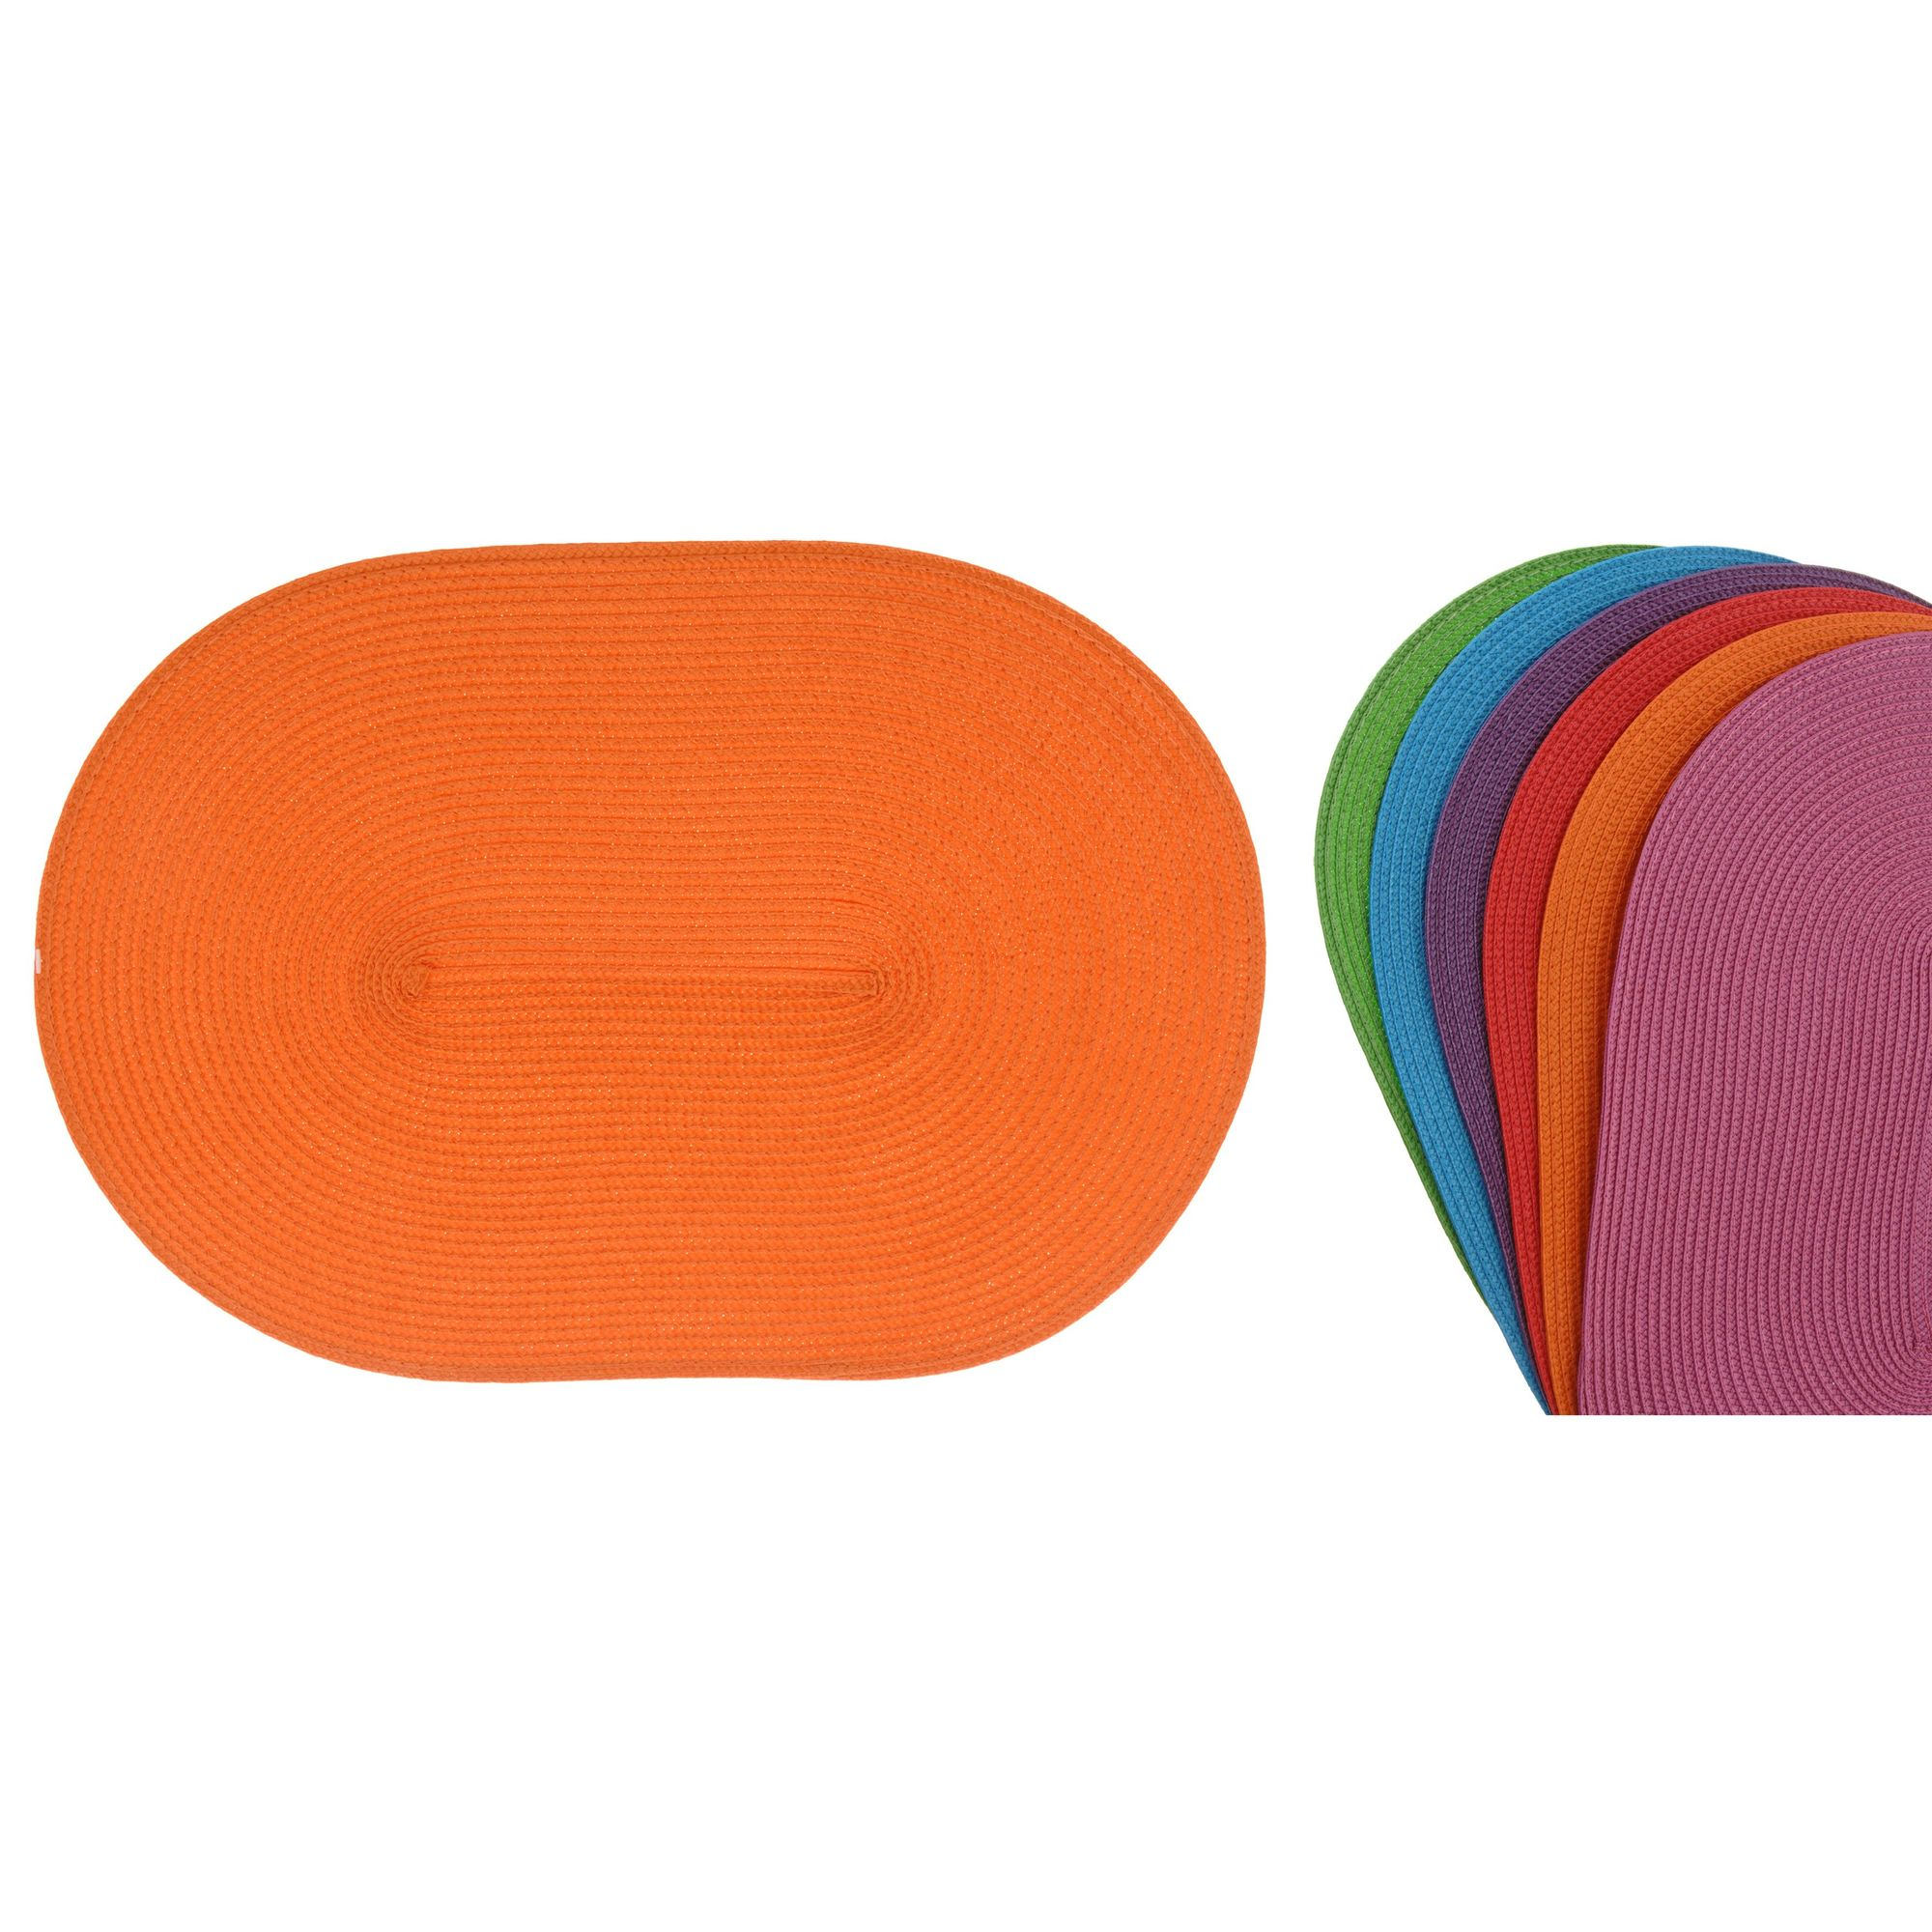 Салфетка сервировочная овальнаяСалфетка сервировочная овальная 44,5*29 5 см – интересное решение для стола. Не менее привлекательно она будет смотреться на скатерти. Форма салфетки удобная, чтобы ставить посуду. Материал изделия обеспечит необходимую защиту поверхности стола, не даст ей нагреться. Размеры подходящие, места хватит для комфортного размещения тарелок.Овальная сервировочная салфетка бренда Экселент Хаусвейр пригодится в доме любой хозяйке. Также данное изделие найдет применение в кафе и других подобных местах общественного питания. Салфетка качественно изготовлена, не требует сложного ухода. Возможность выбора различных расцветок указанной модели расширит аудиторию покупателей.<br>